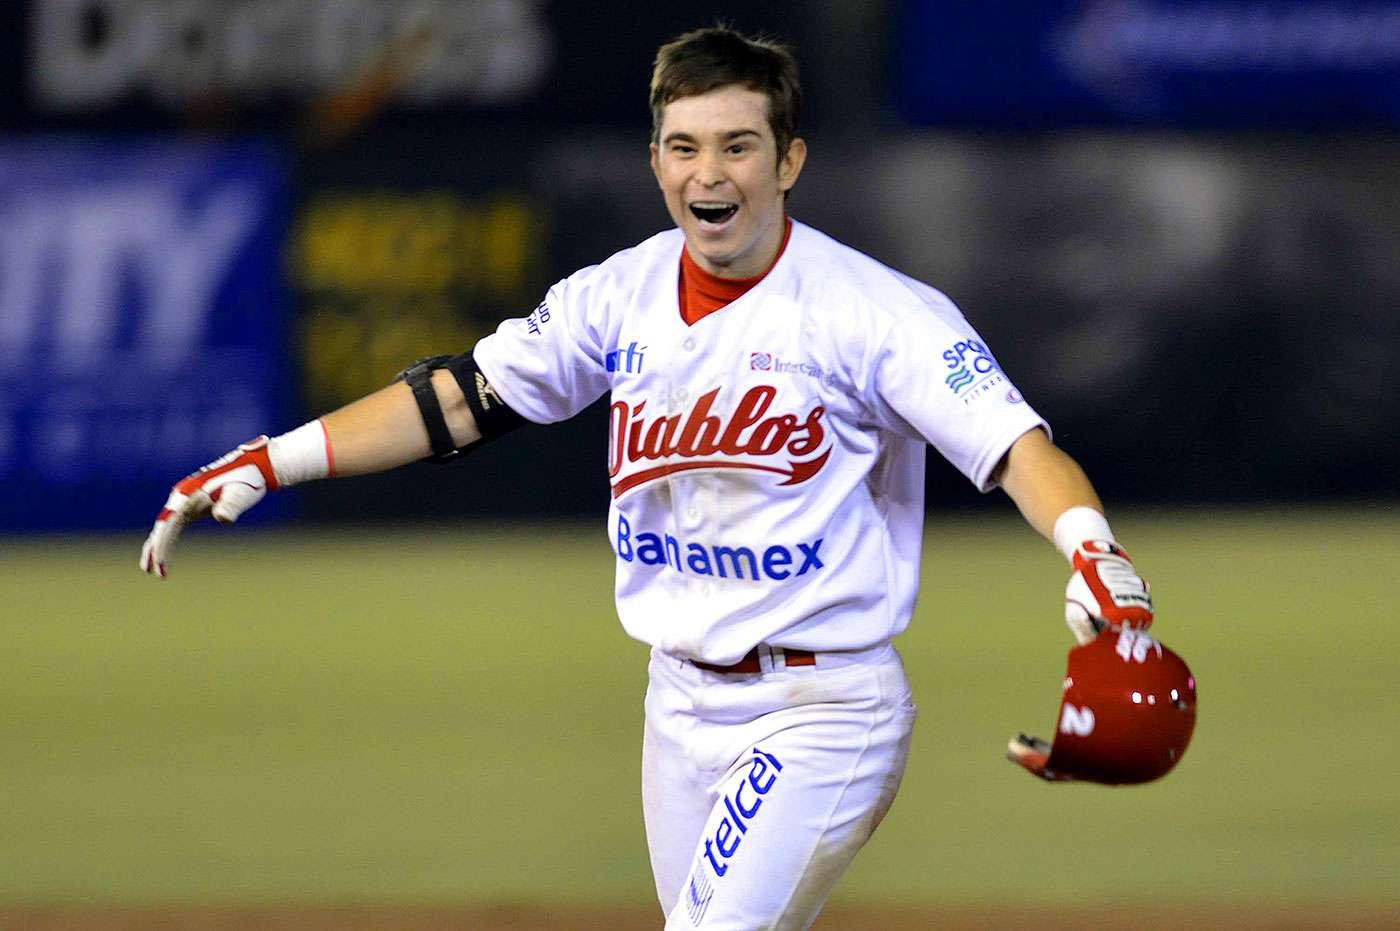 Carlos Figueroa, de los Diablos Rojos del México, es nombrado Novato del Año 2014 de la Liga Mexicana de Beisbol. Foto: Enrique Gutiérrez/Diablos Rojos del México